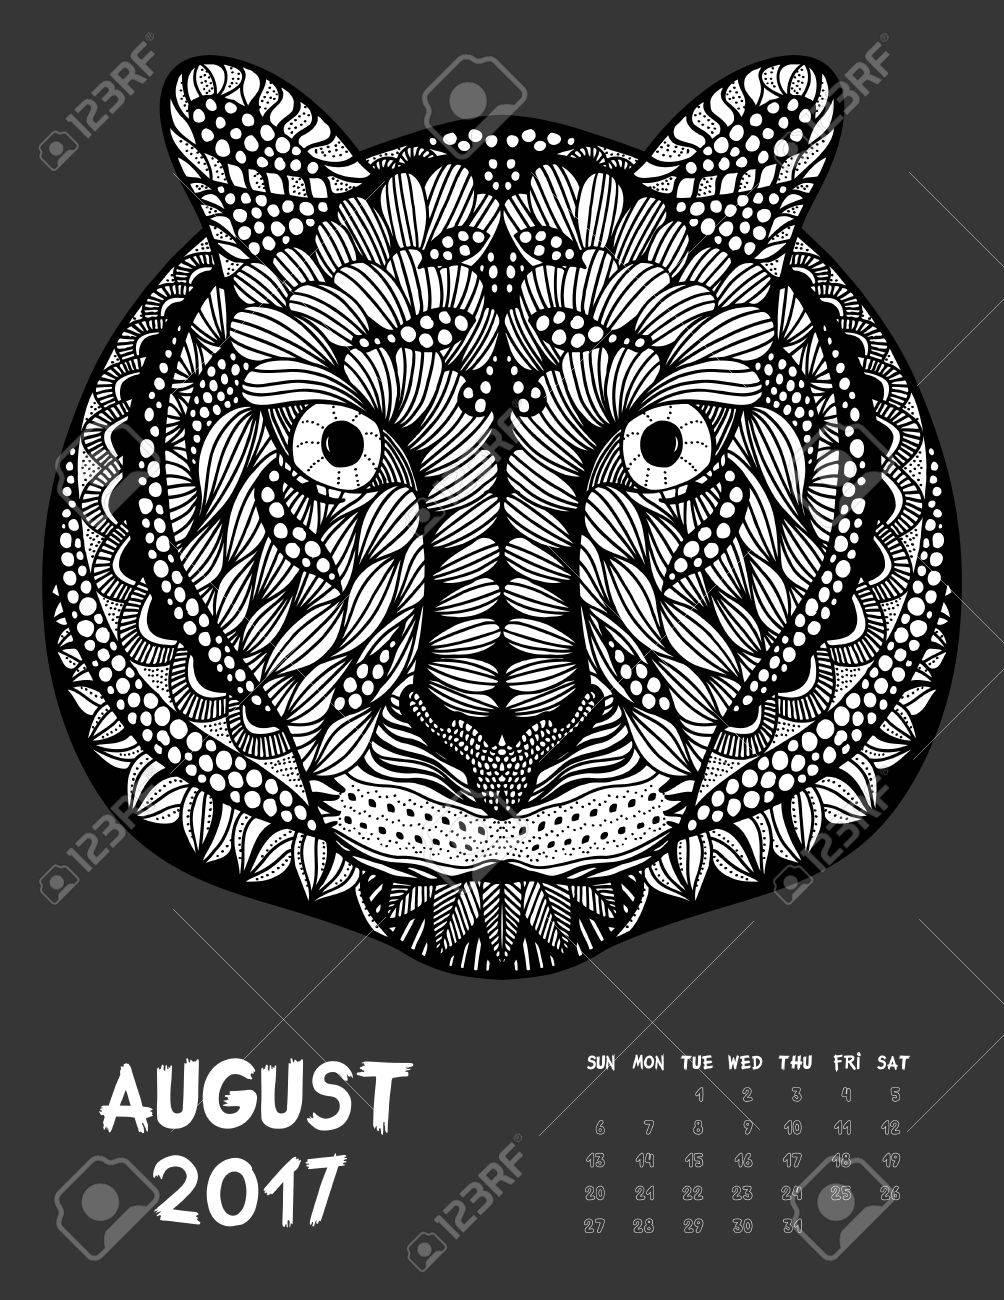 Août 2017 Calendrier Dessin Au Trait Noir Et Blanc Illustration Tigre Imprimer La Page De Coloriage Anti Stress